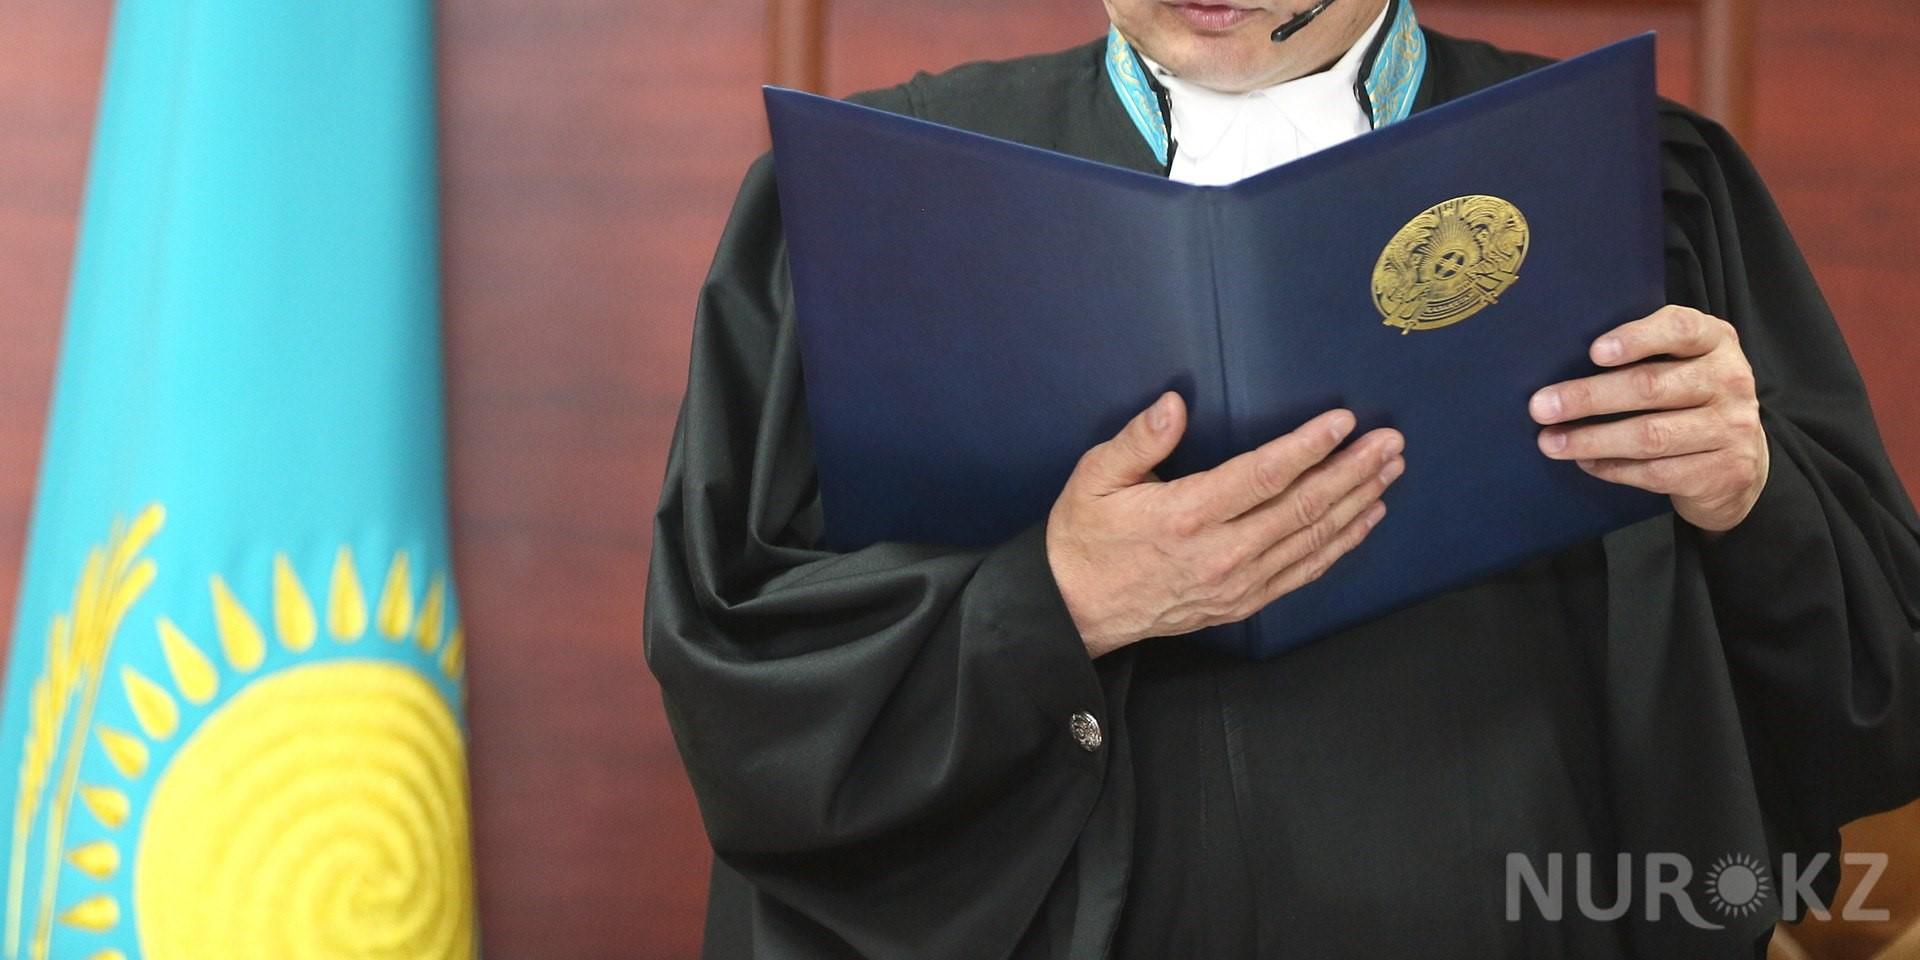 Членов ОПГ осудили в Алматы